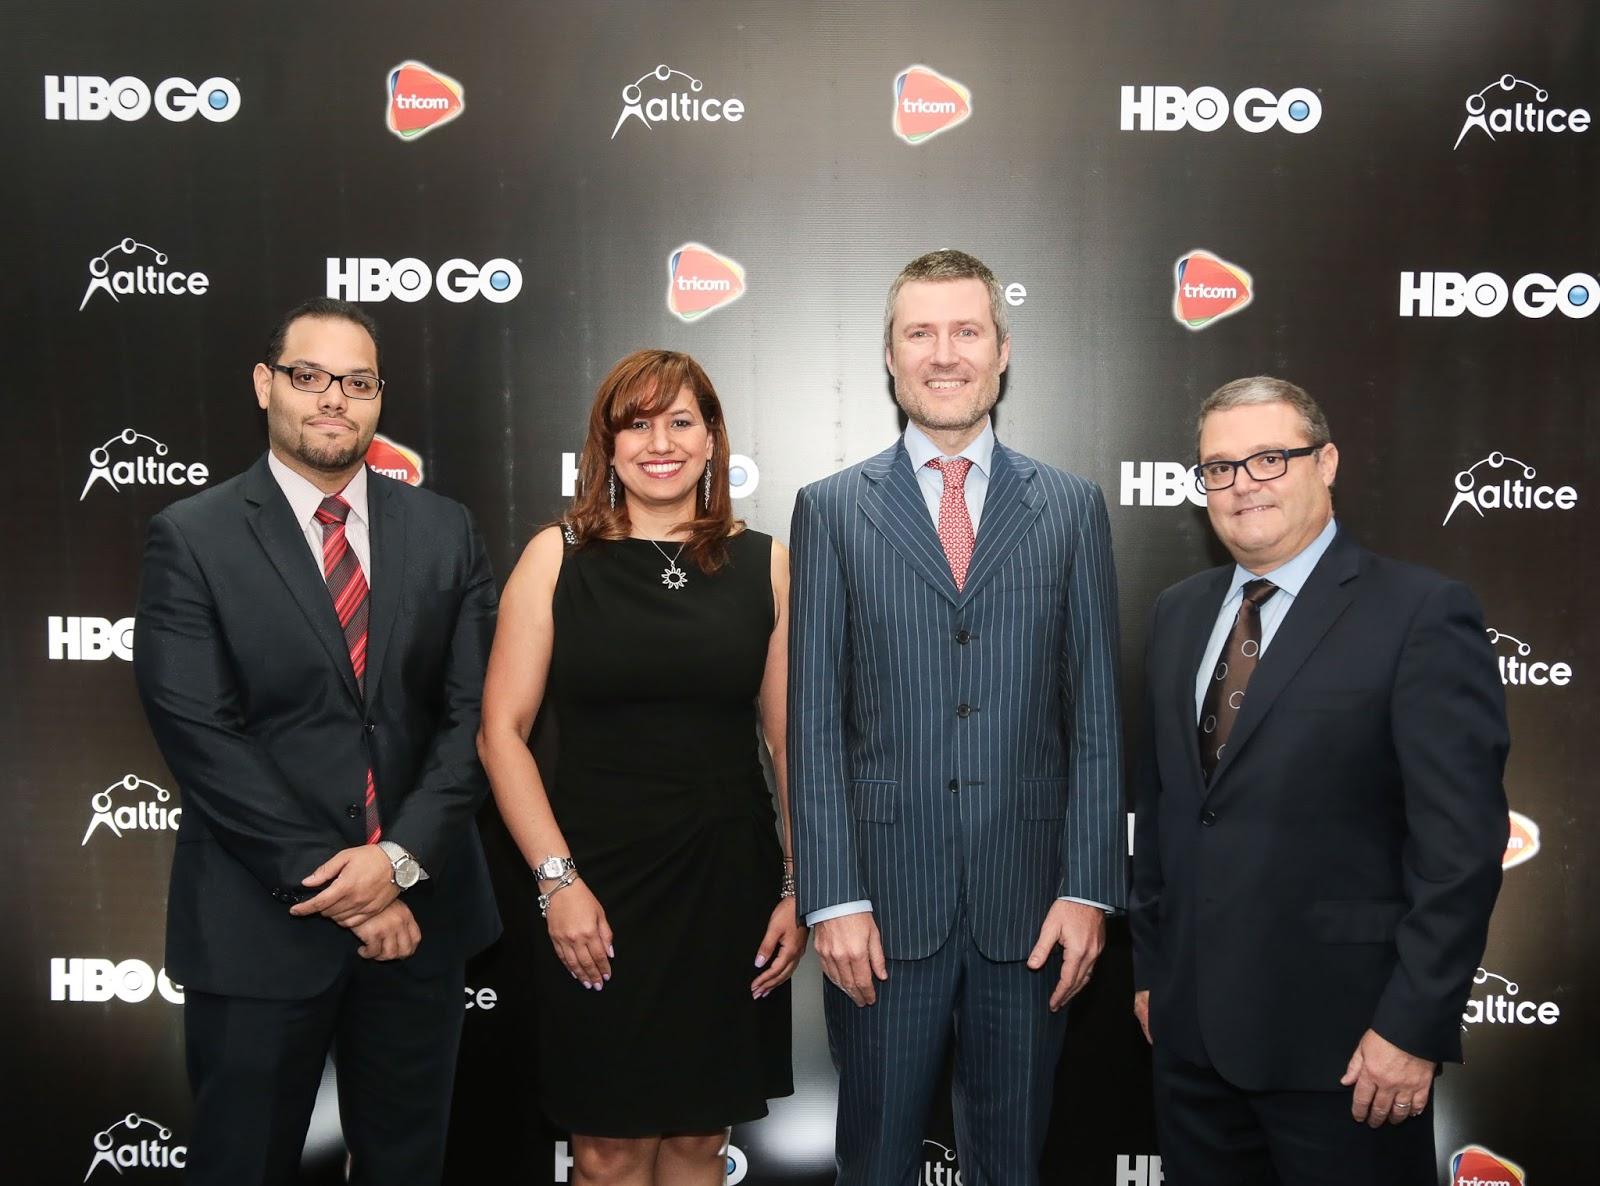 Manuel Mueses, Rosario Veras, Martin Roos y Javier Figueras. Altice